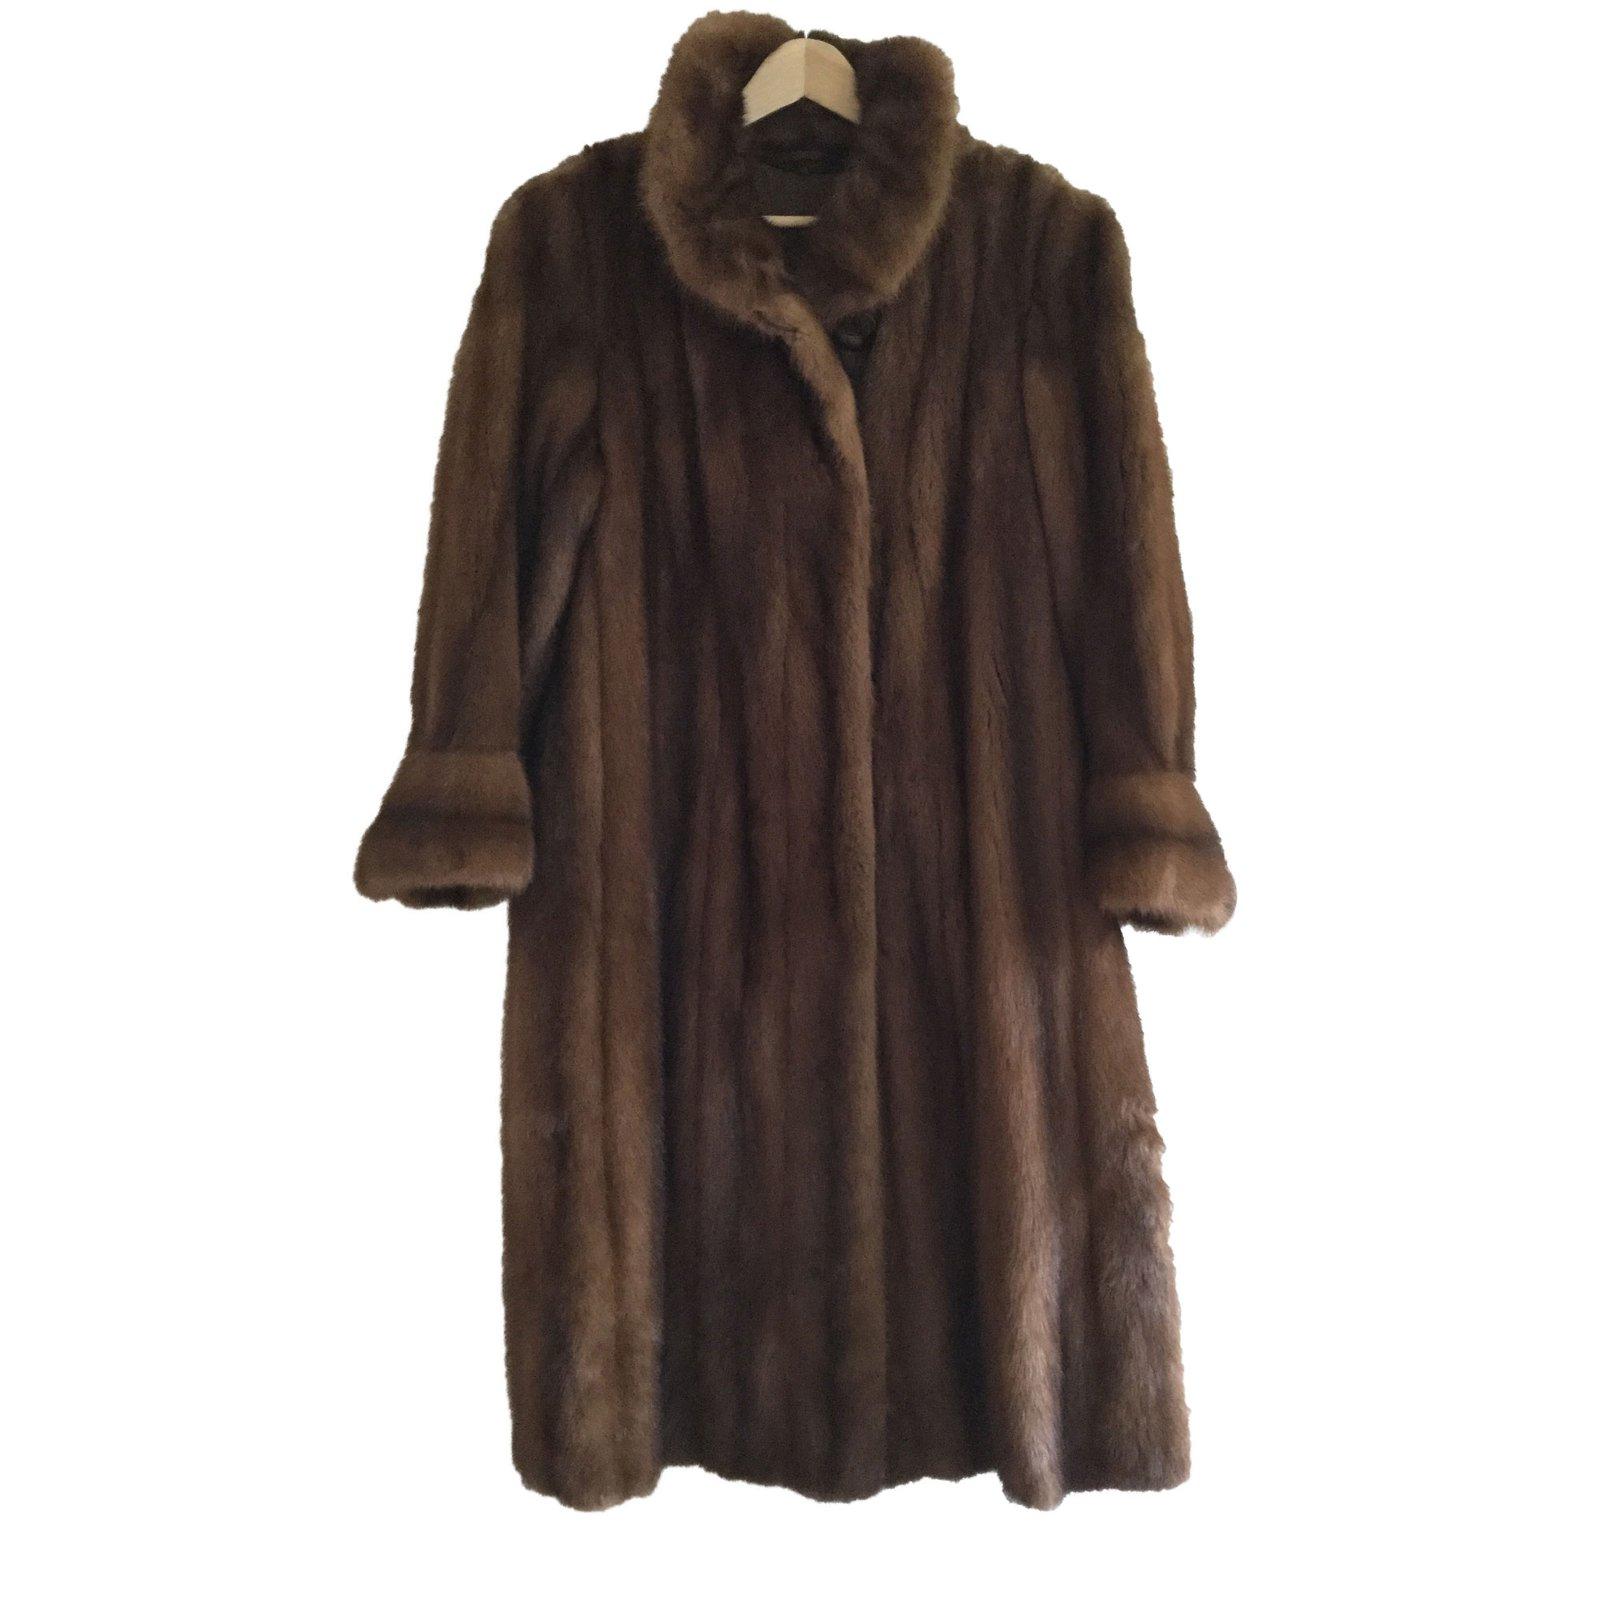 manteaux autre marque manteau vison fourrure marron clair joli closet. Black Bedroom Furniture Sets. Home Design Ideas